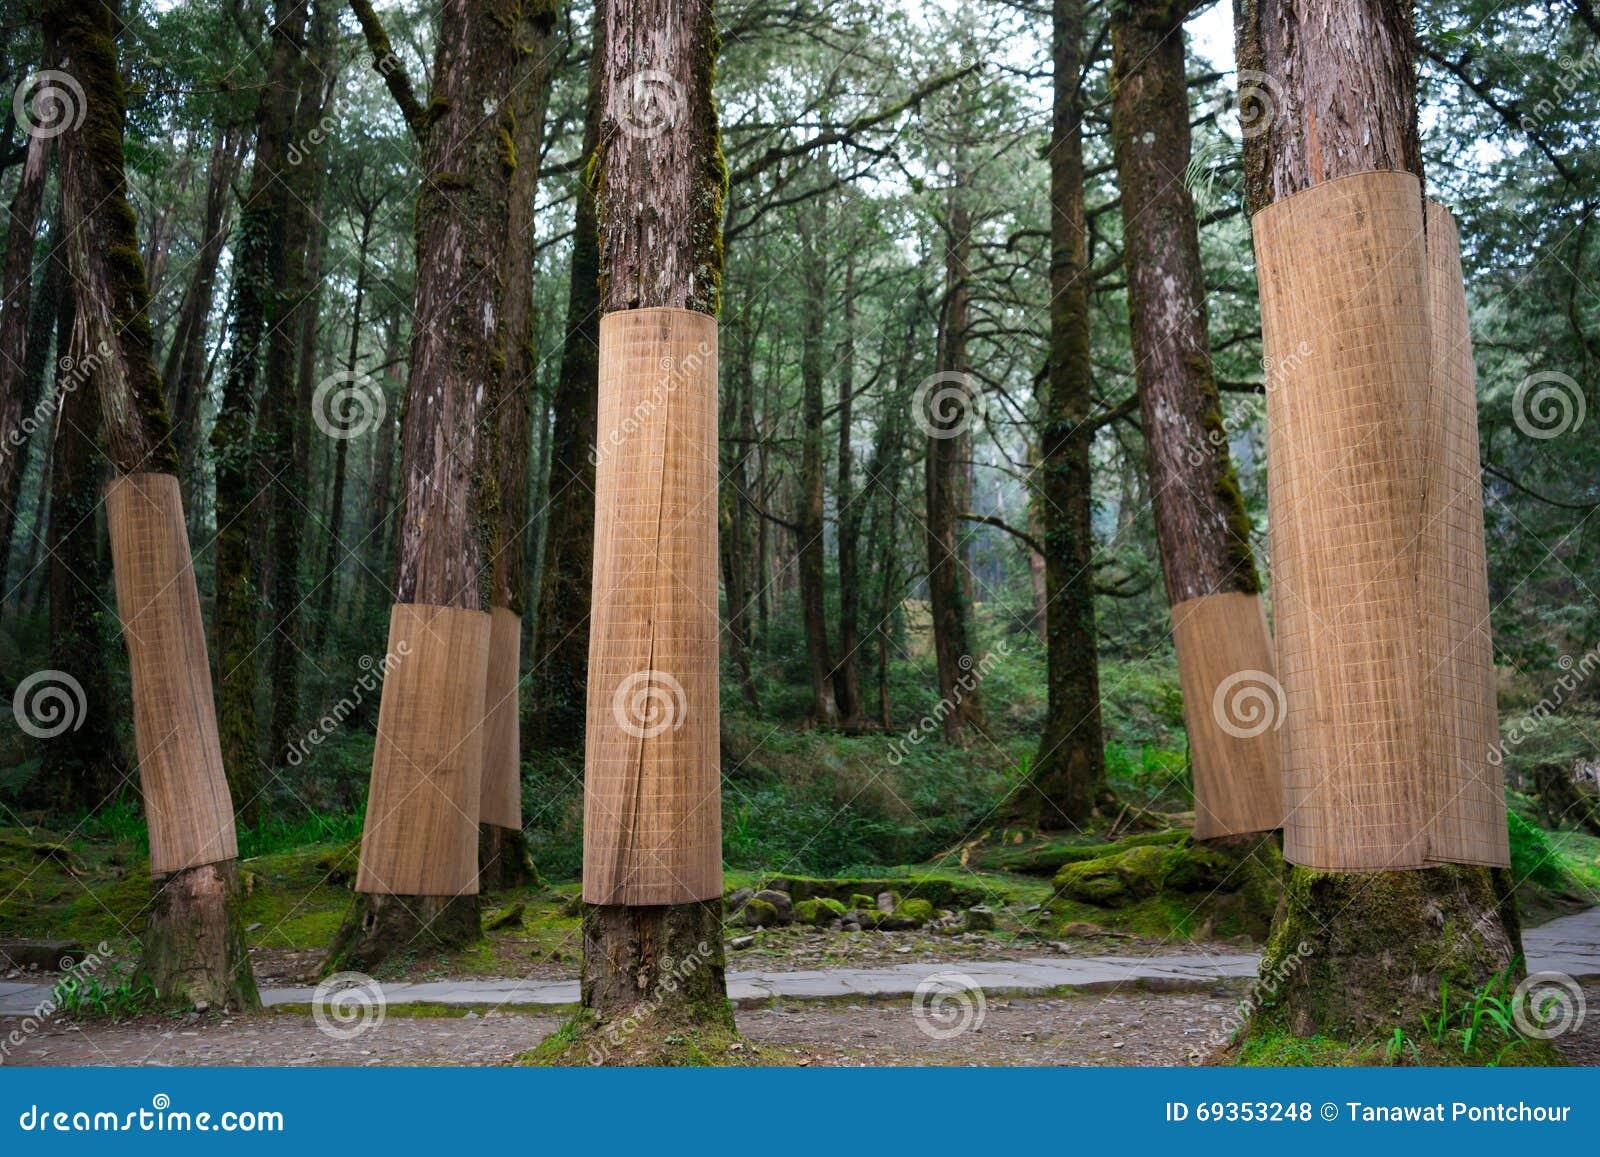 protection de tronc d 39 arbre avec le tapis en bambou photo stock image du sapling for t 69353248. Black Bedroom Furniture Sets. Home Design Ideas